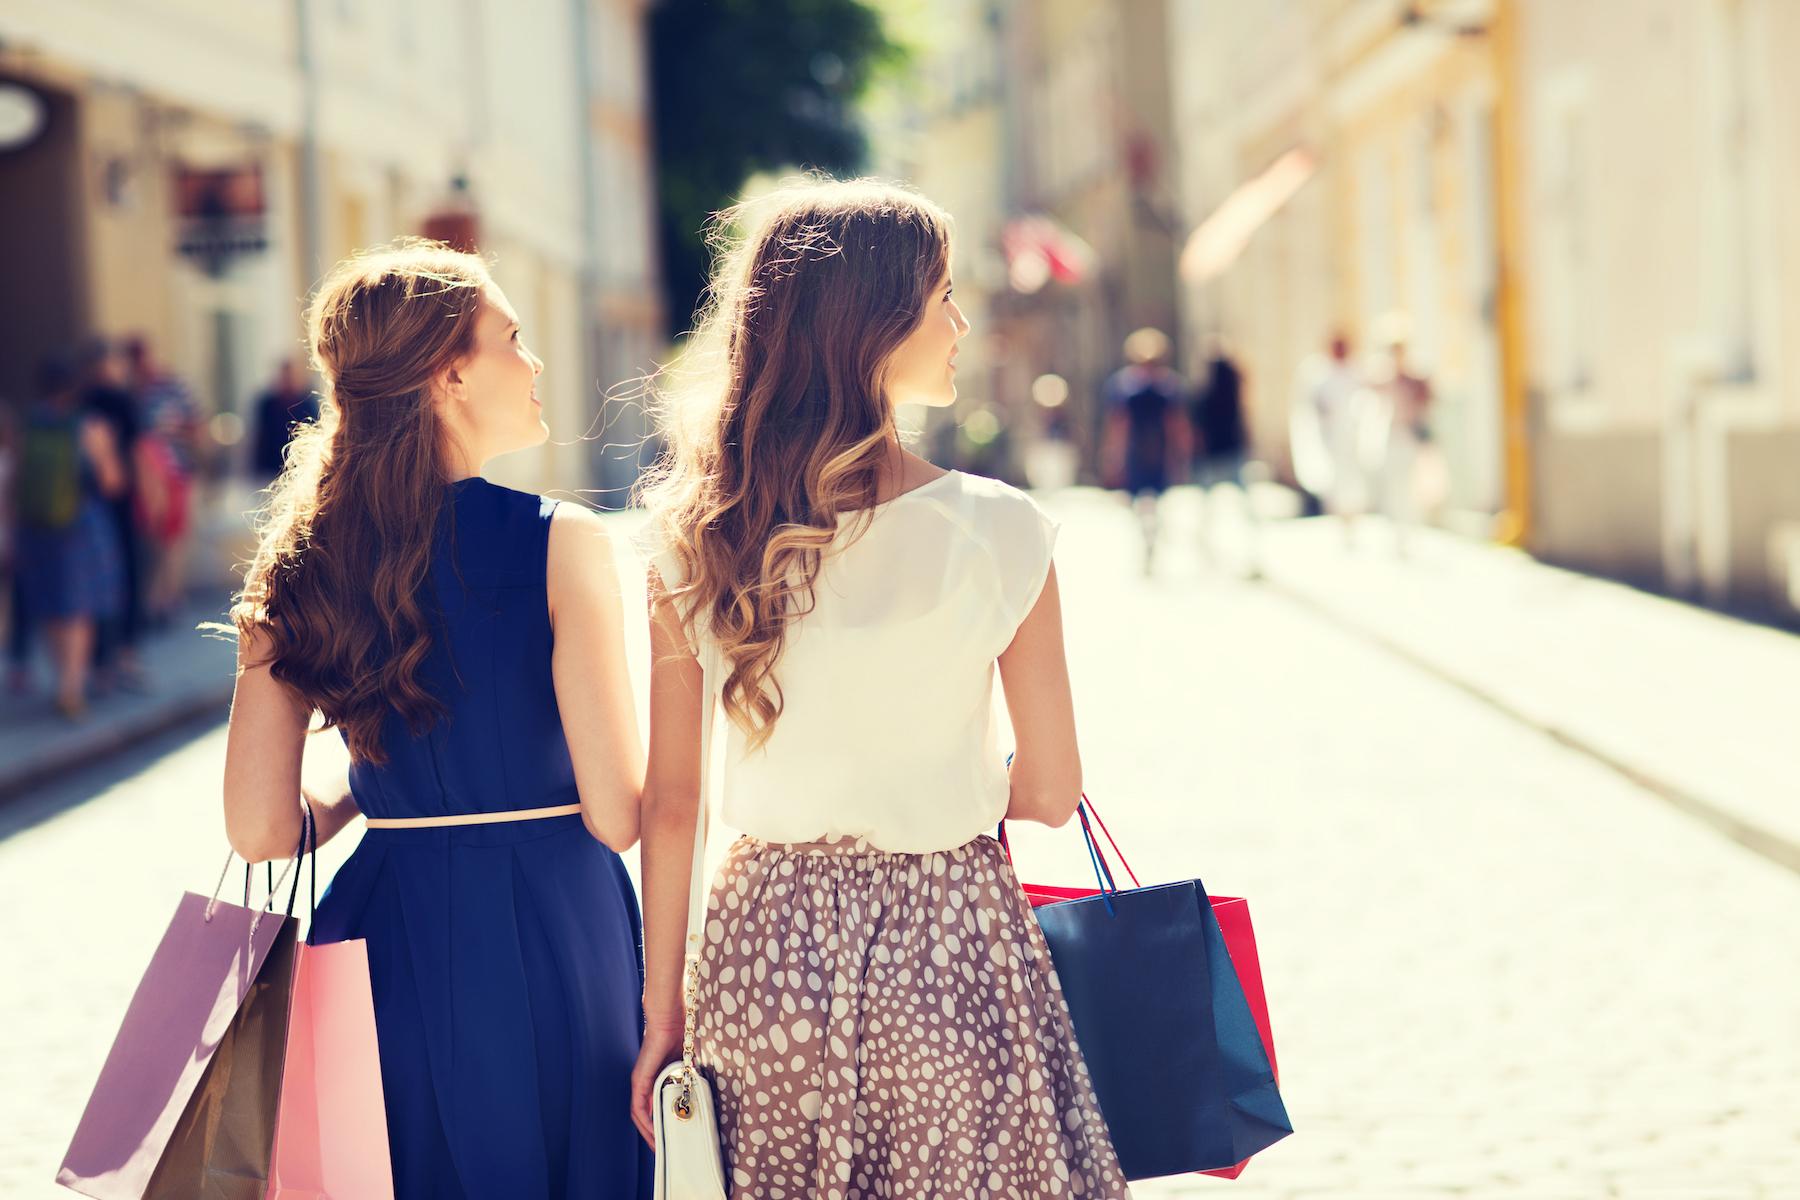 Femmes faisant leur shopping au soleil